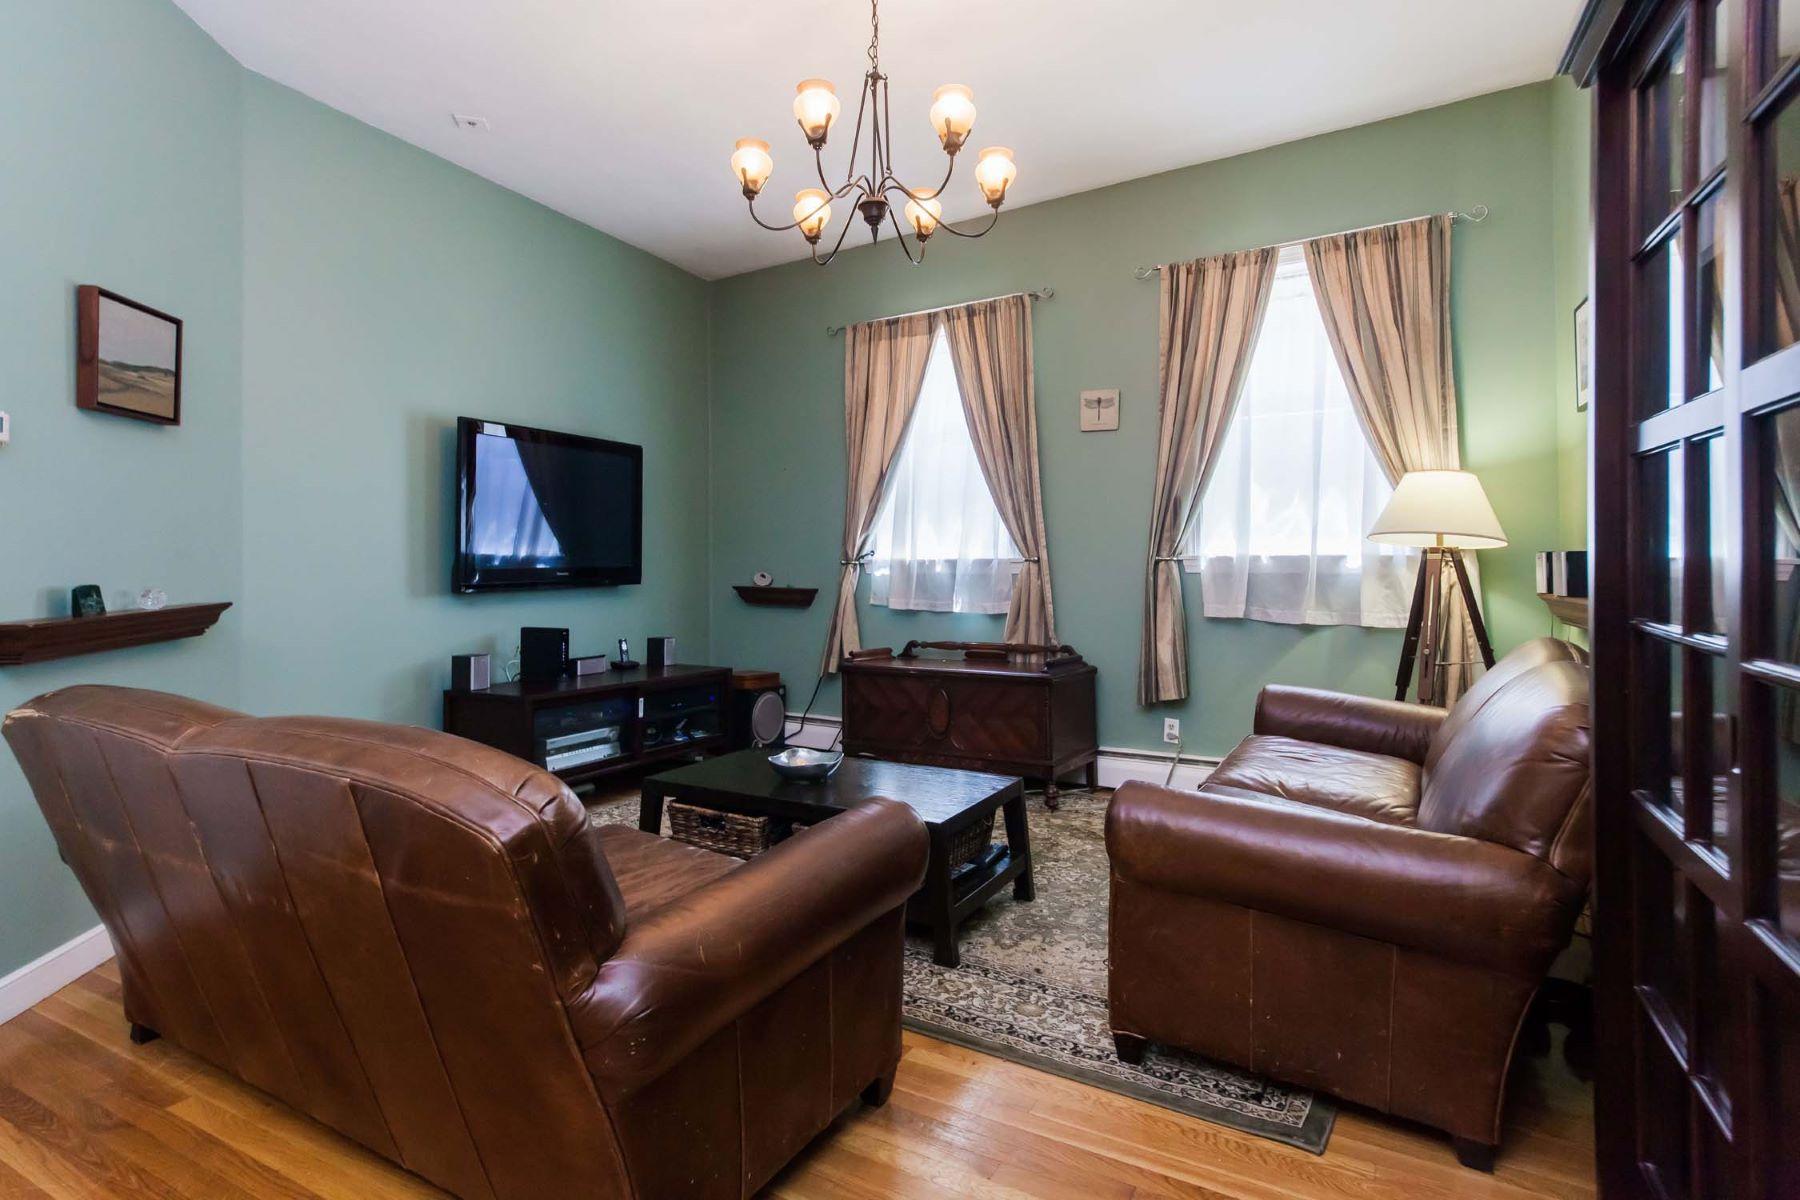 Kat Mülkiyeti için Satış at 250 North St - Unit 1, Boston 250 North Street - Unit 1 North End, Boston, Massachusetts, 02113 Amerika Birleşik Devletleri